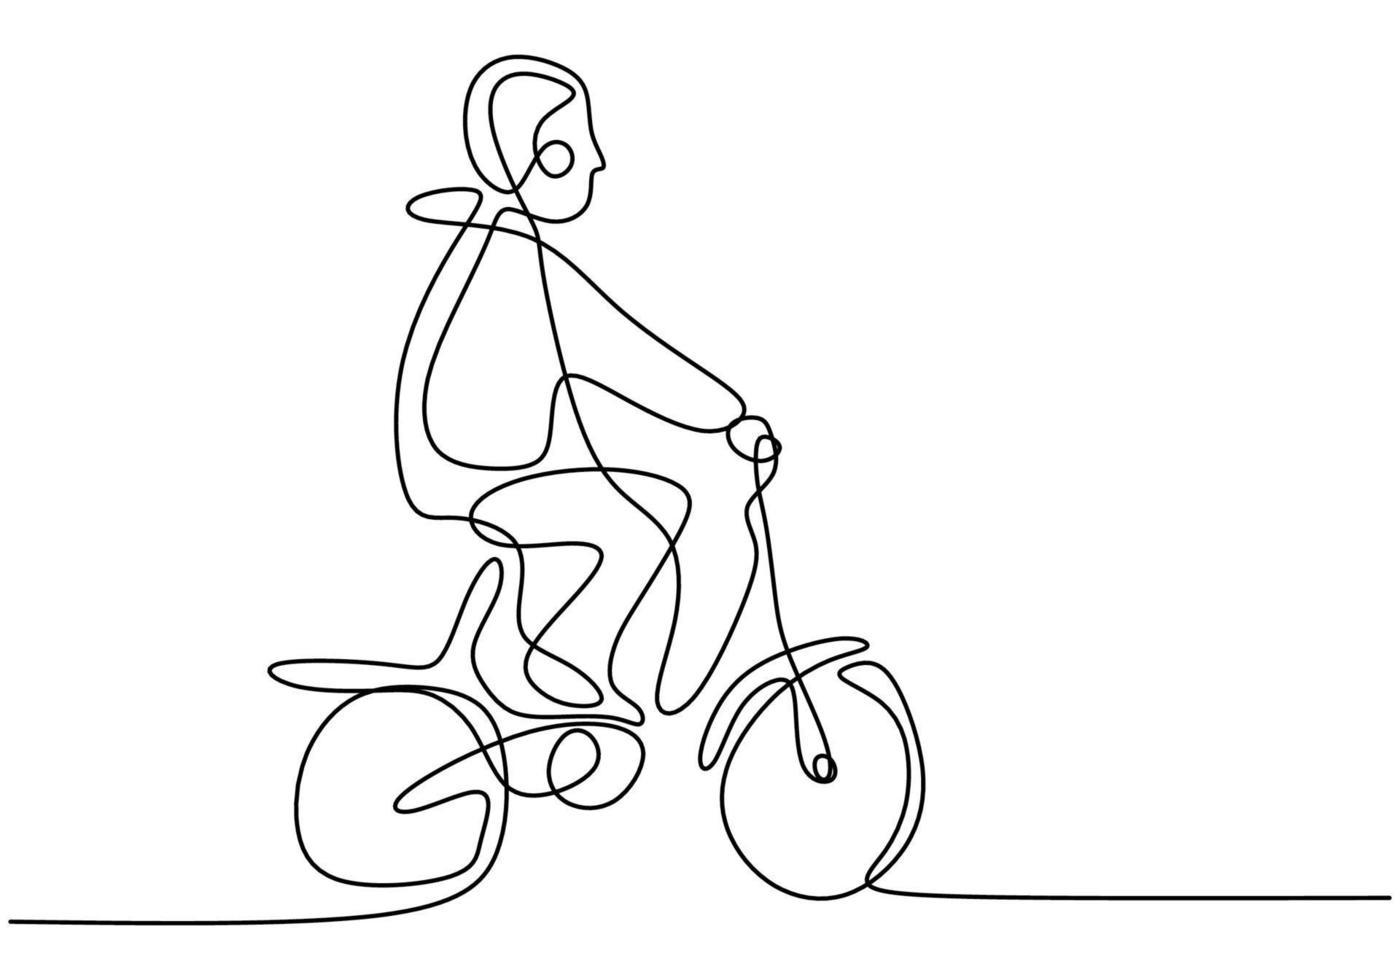 criança contínua única desenhada de uma linha em uma bicicleta. garotinho andando de bicicleta em um parque público, isolado no fundo branco. personagem feliz infância silhueta de imagens desenhadas à mão vetor